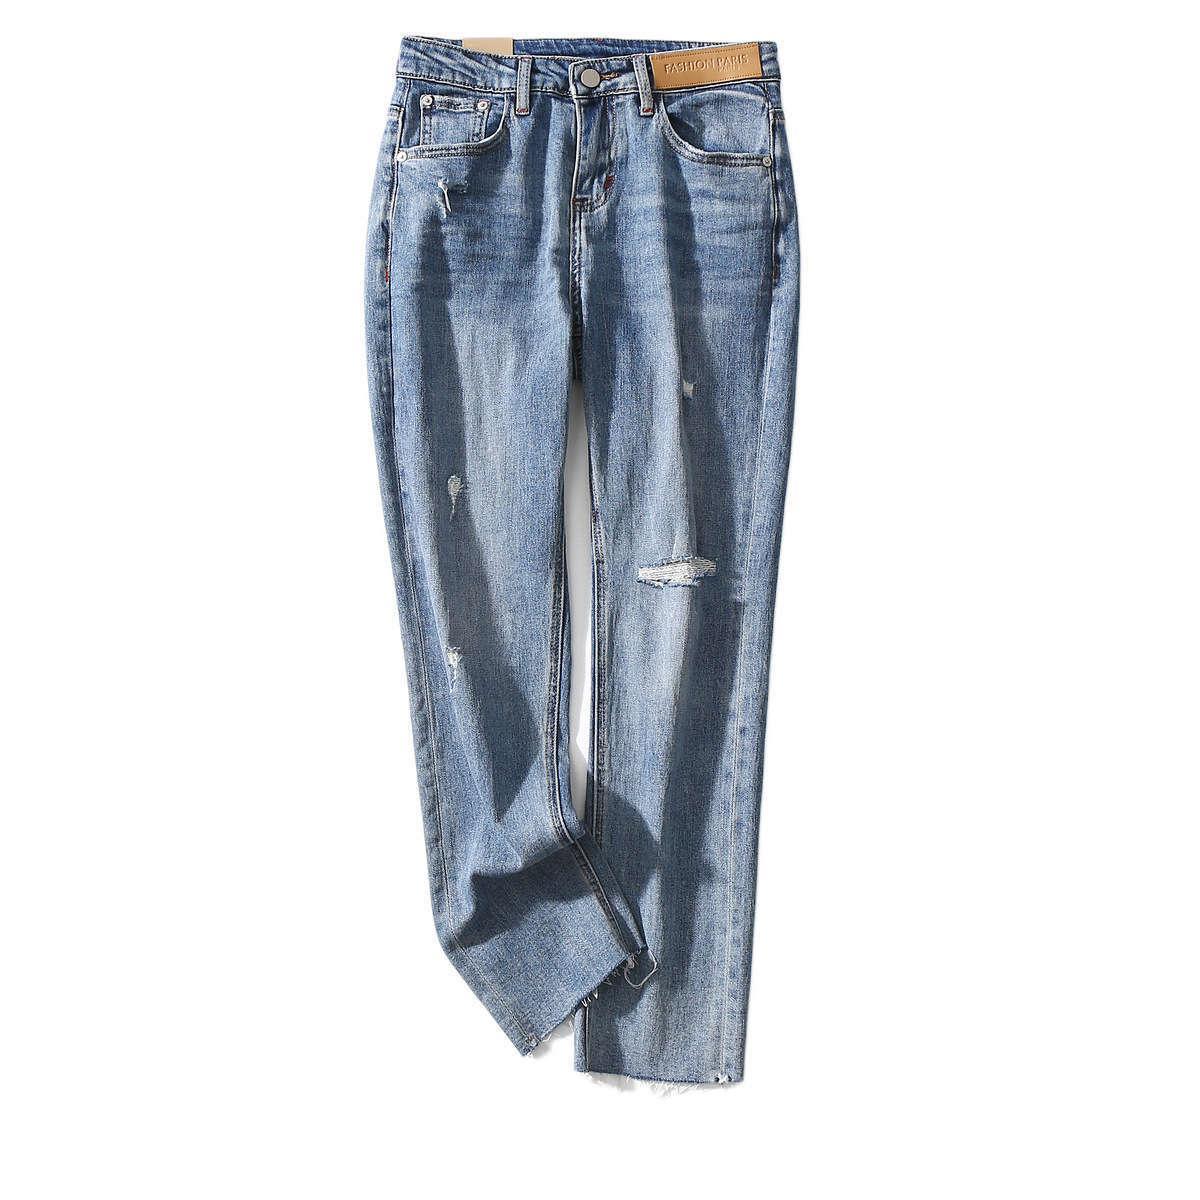 H30 Новый стиль дышащий влагопоглощение влаги для кожи показывают тонкую эластичную связующую женскую тонкую фитинг девять точек джинсы для женщин